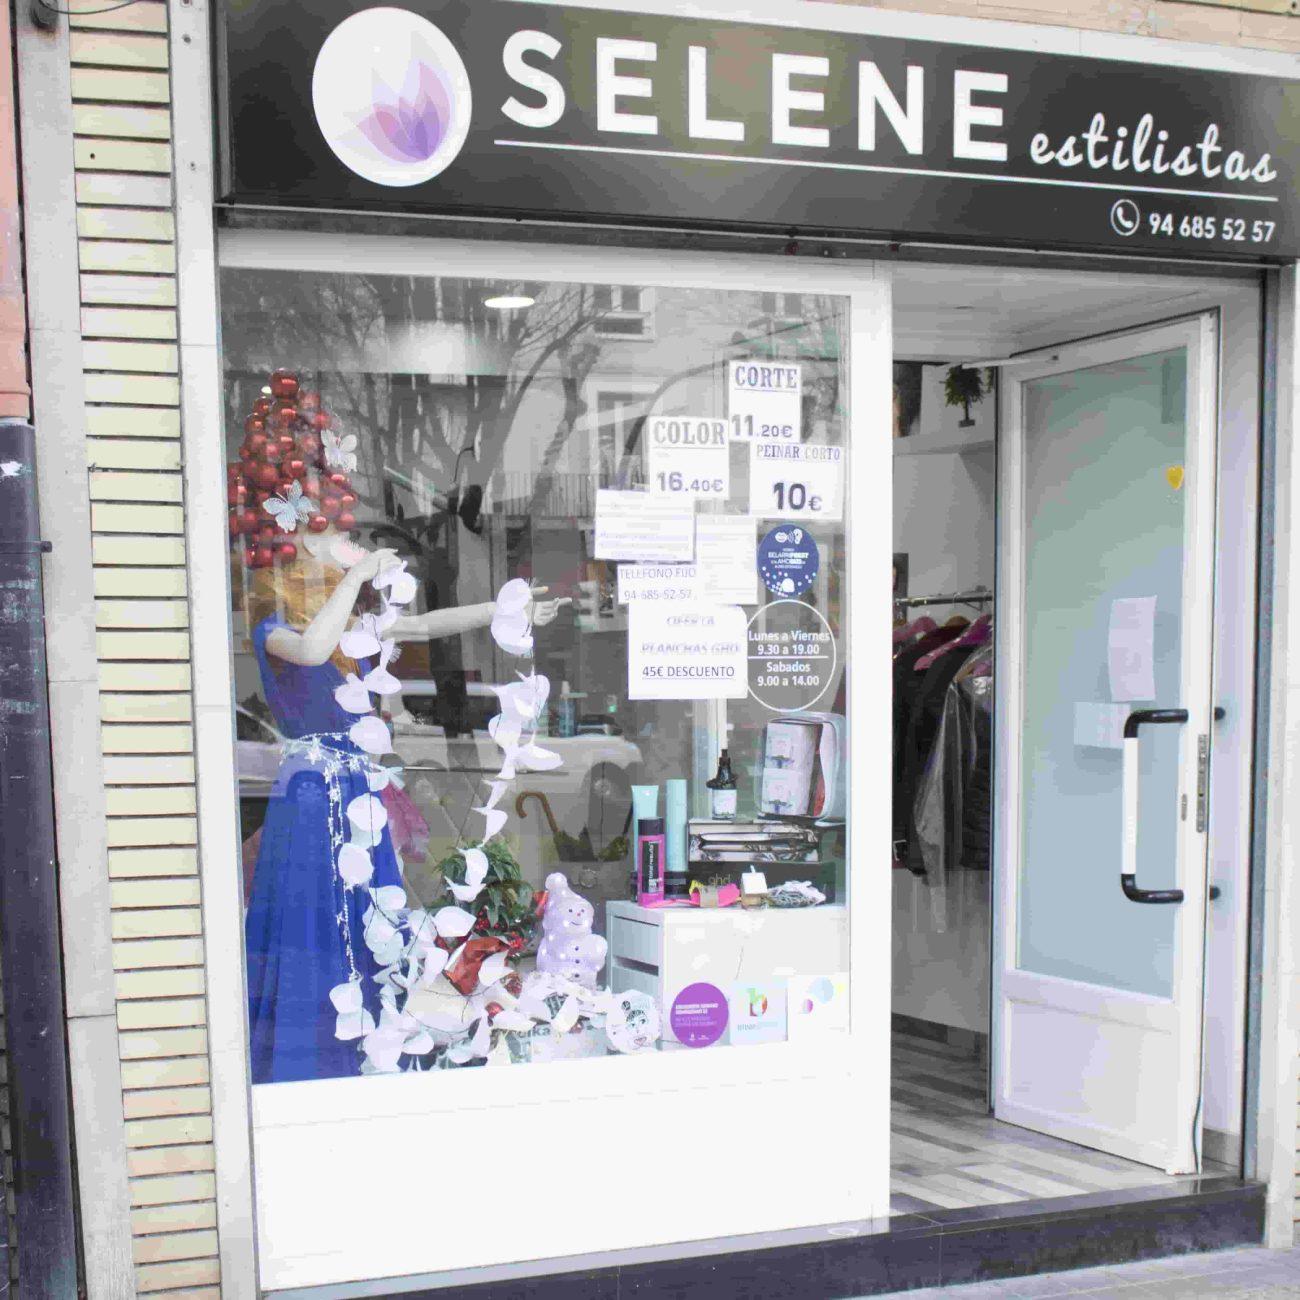 Selene estilistas ubicado en San Ignacio